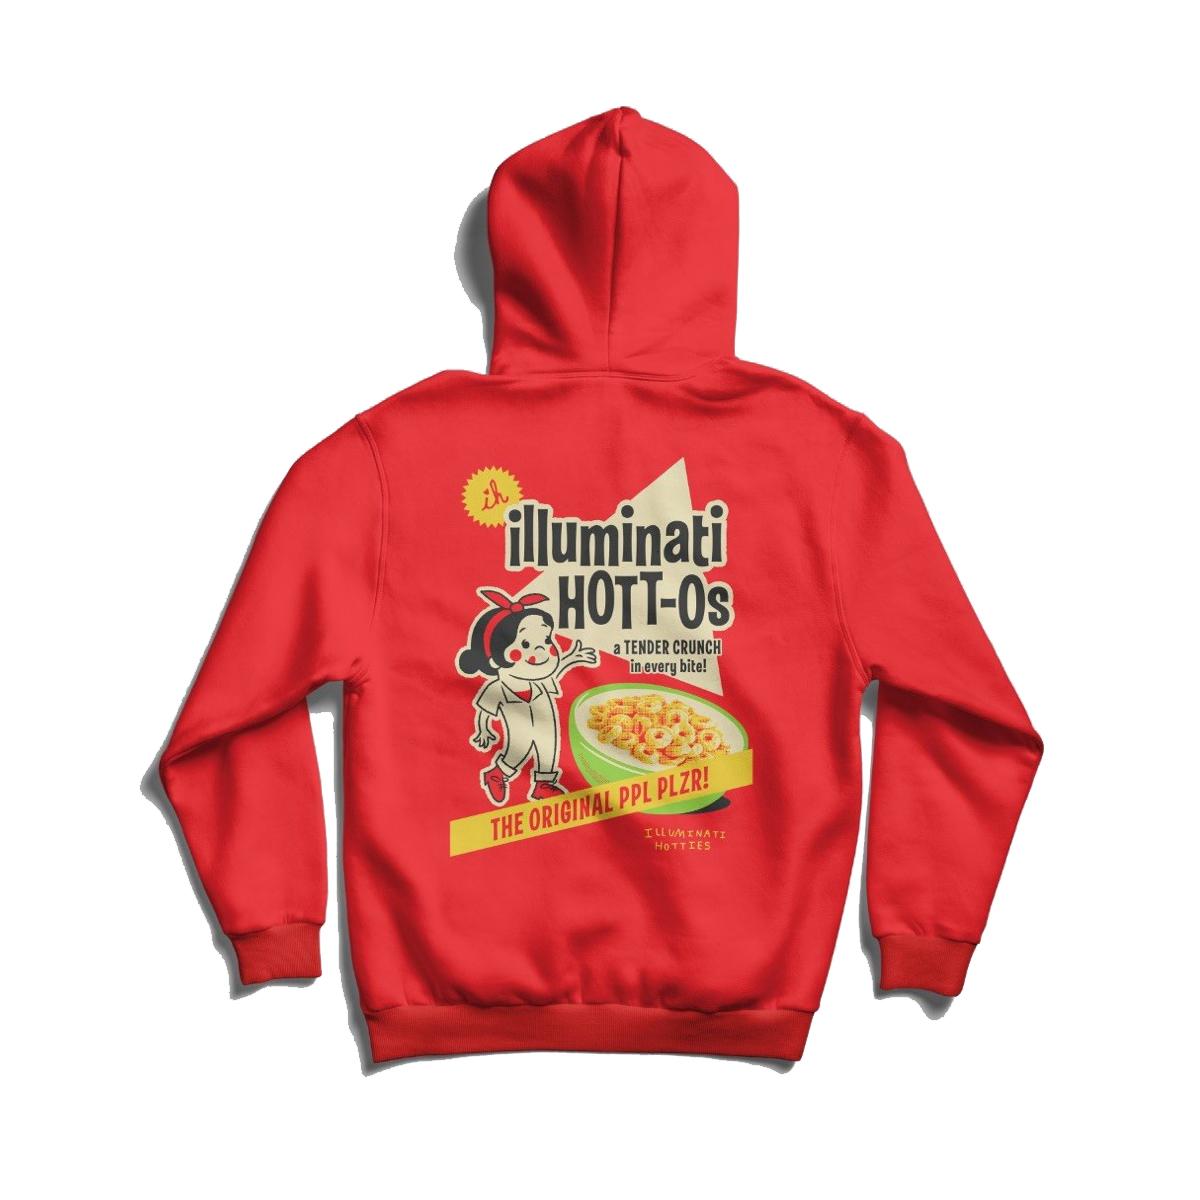 Illuminati Hotties Hott-Os Sweatshirt